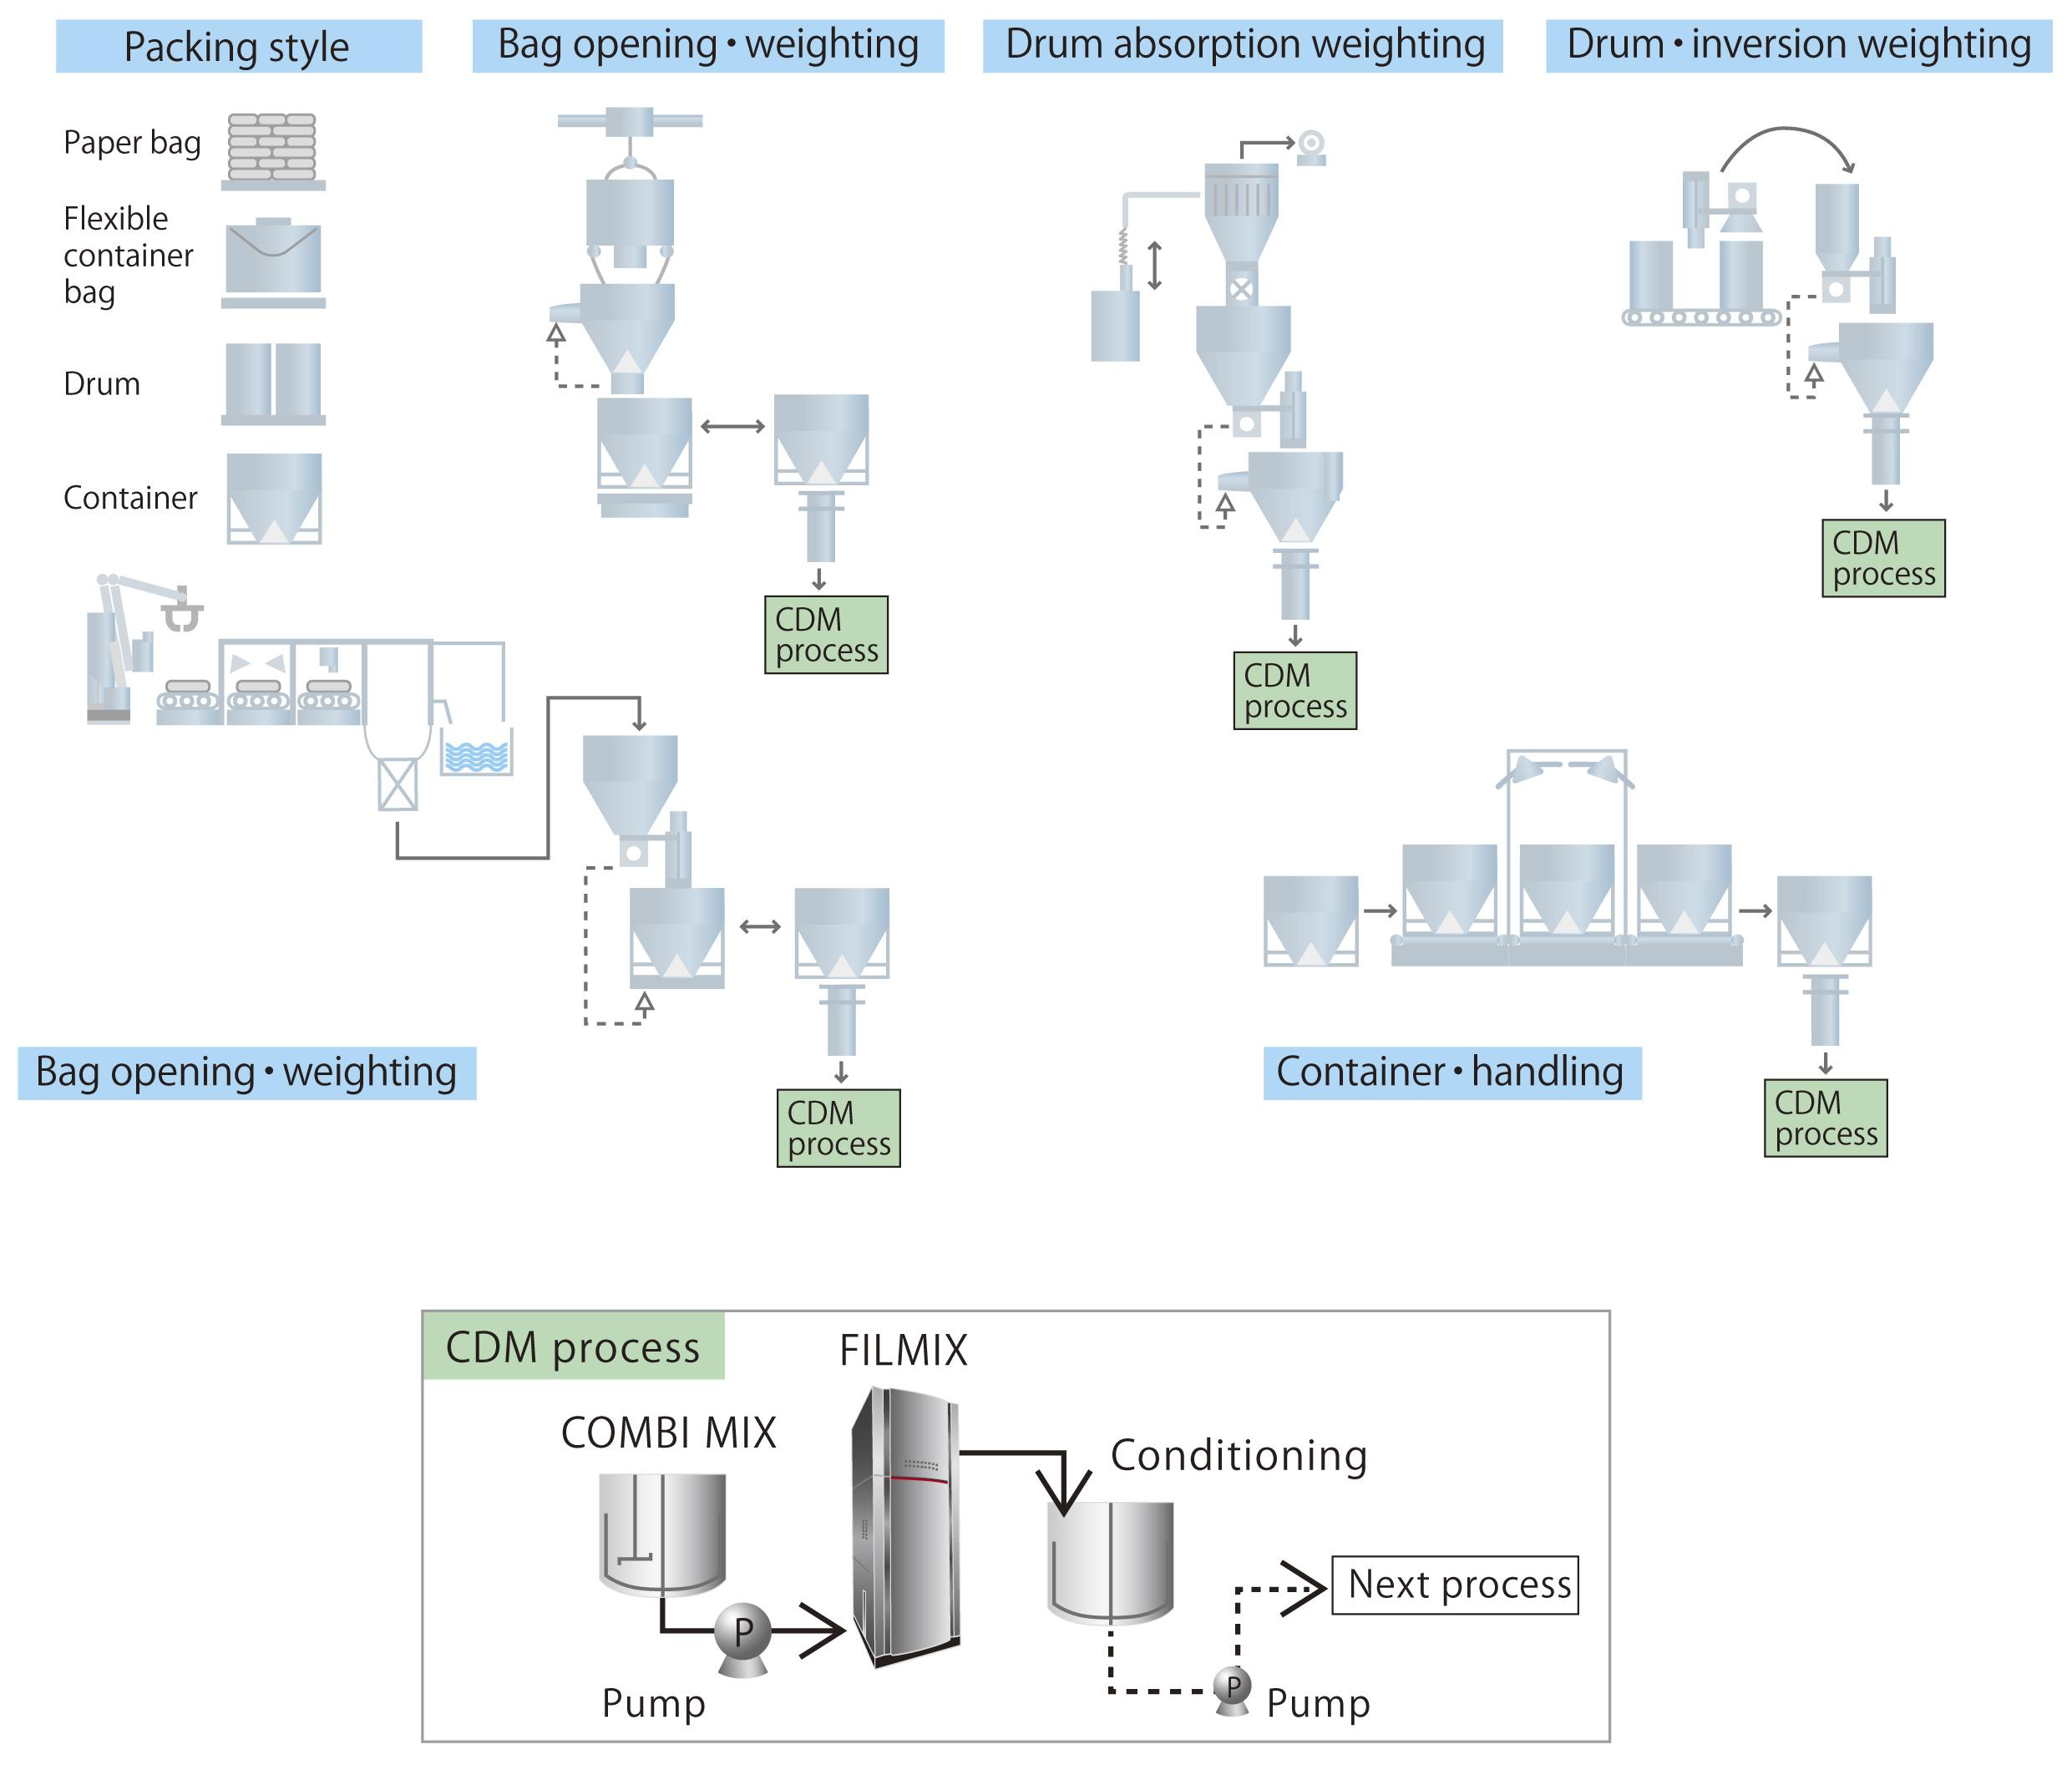 _バッテリー製造設備&CDMプロセス英_